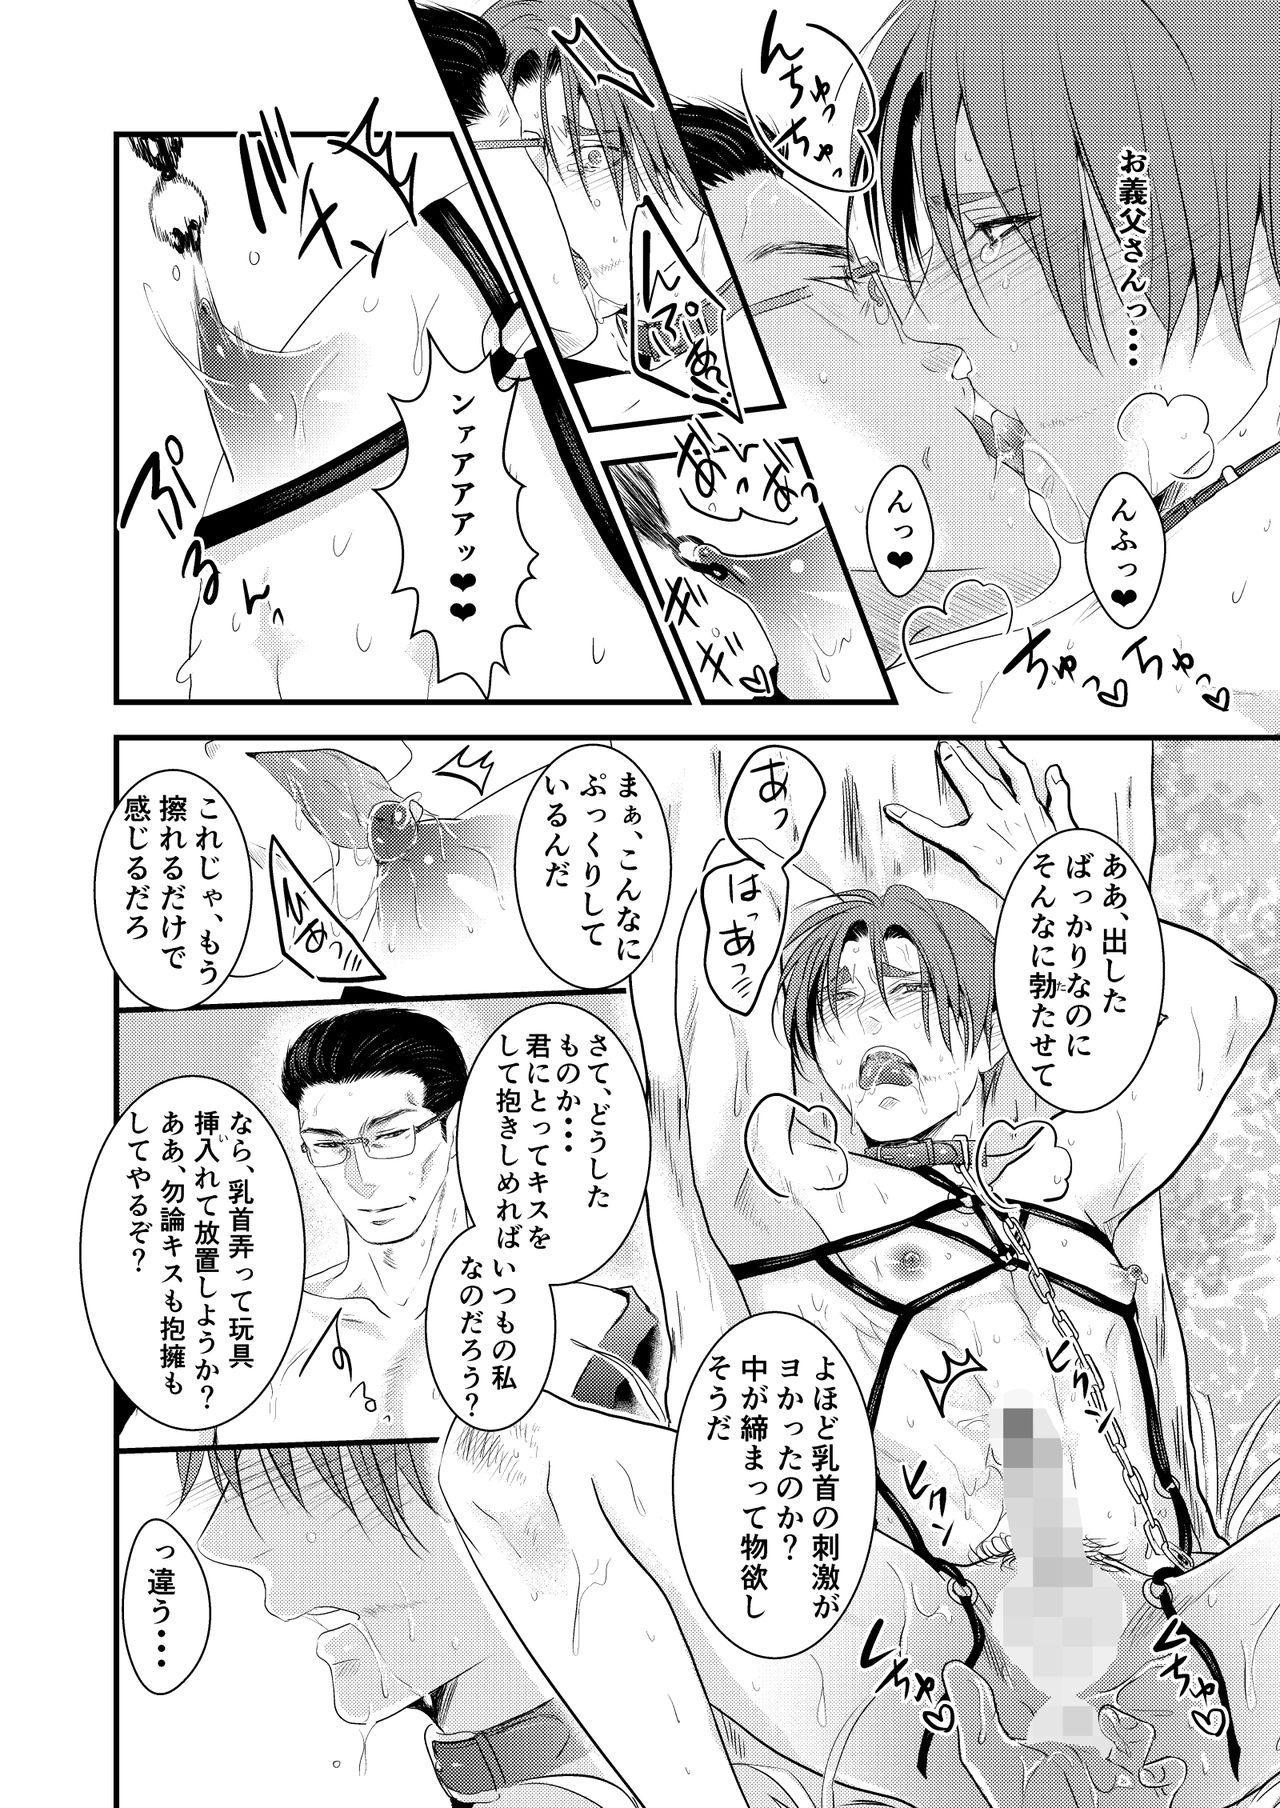 [Nengaranenjuu] Kono Ai wa Yamai ni Nite iru (Bangaihen) Shitsuke no Kura [Digital] 17